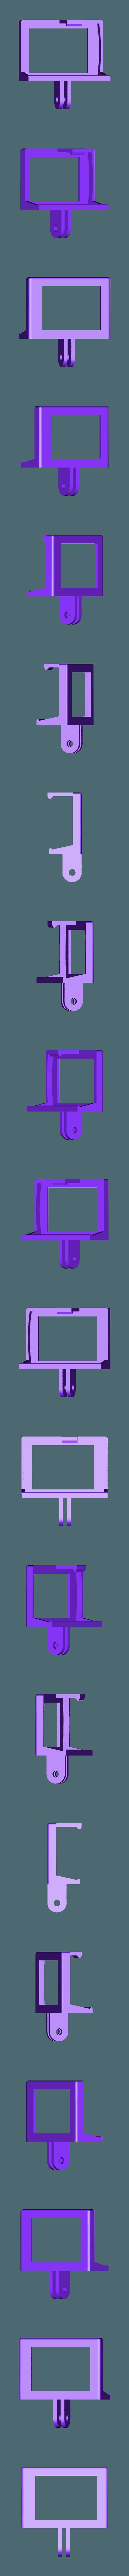 yi_lite_case.stl Télécharger fichier STL gratuit Monture Xiaomi Yi lite + Mini poignée • Design à imprimer en 3D, mwilmars